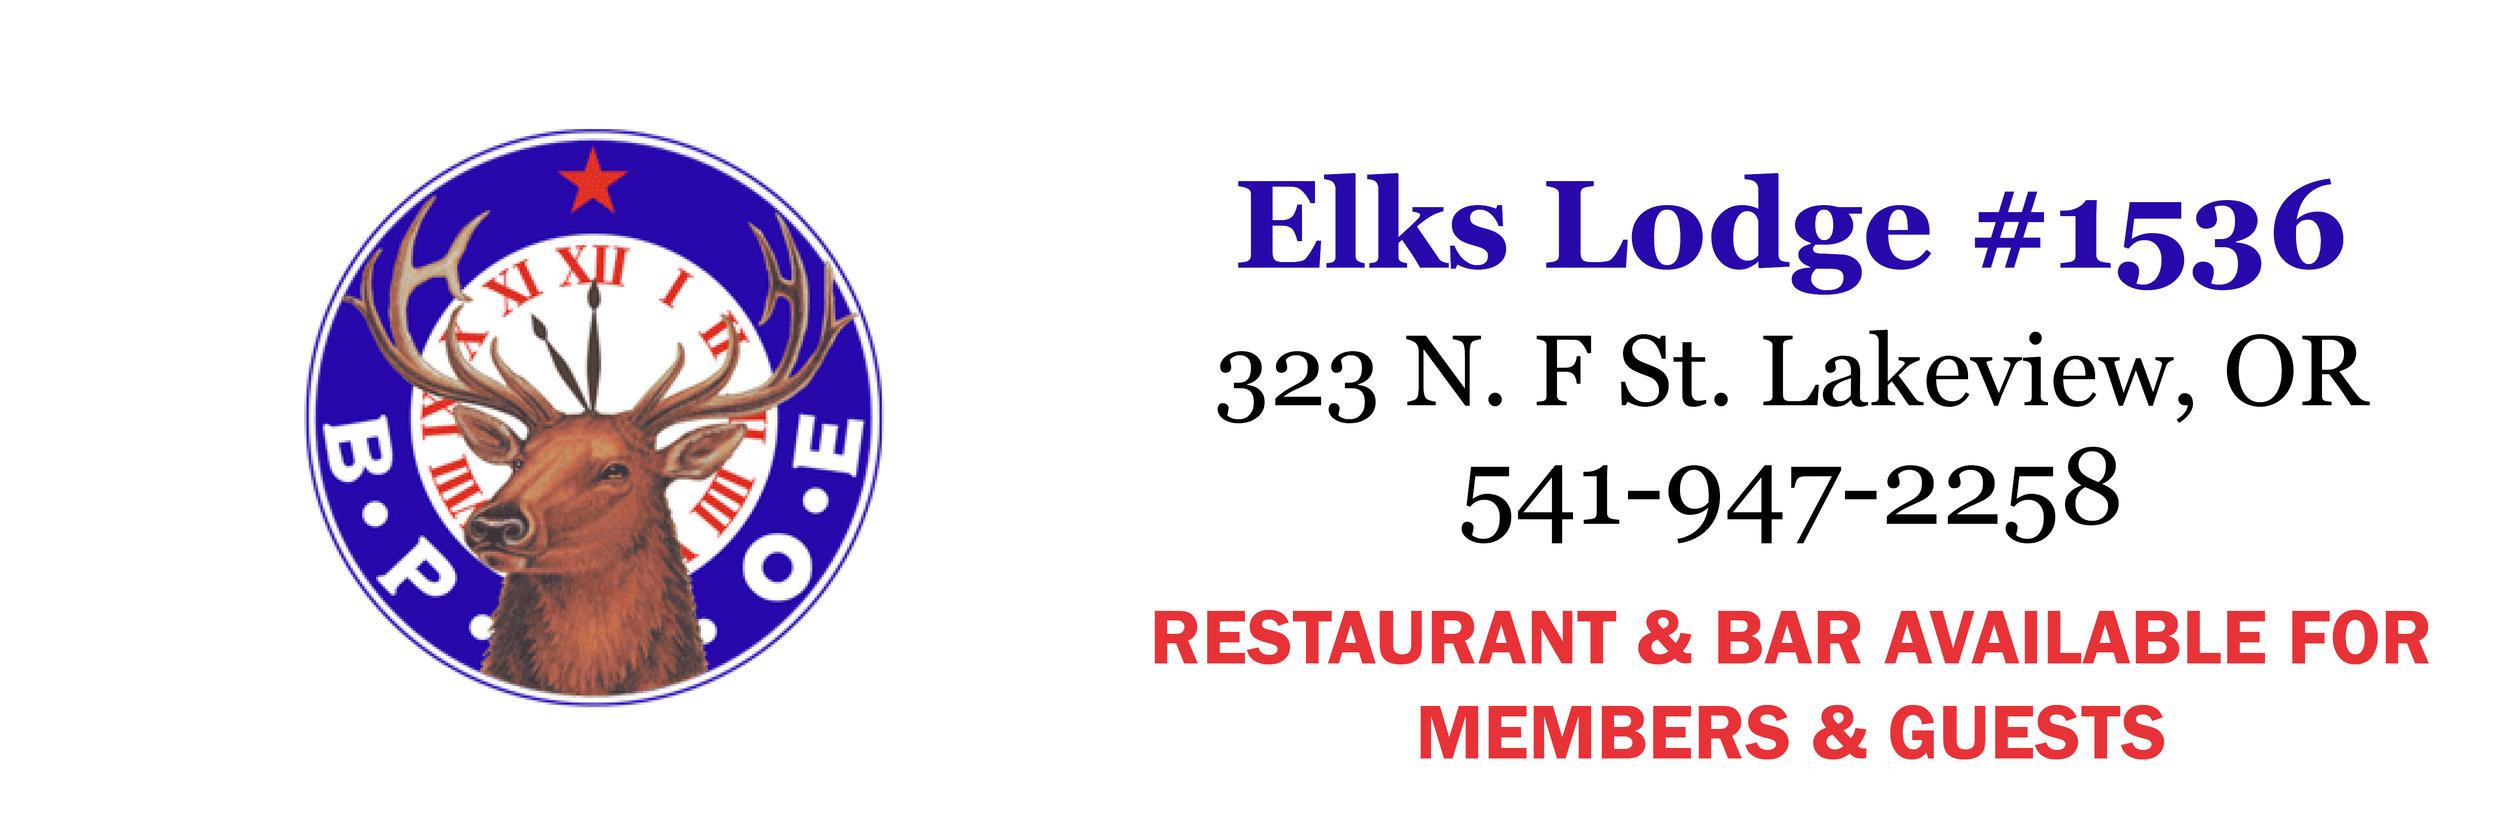 Elks Cover.jpg